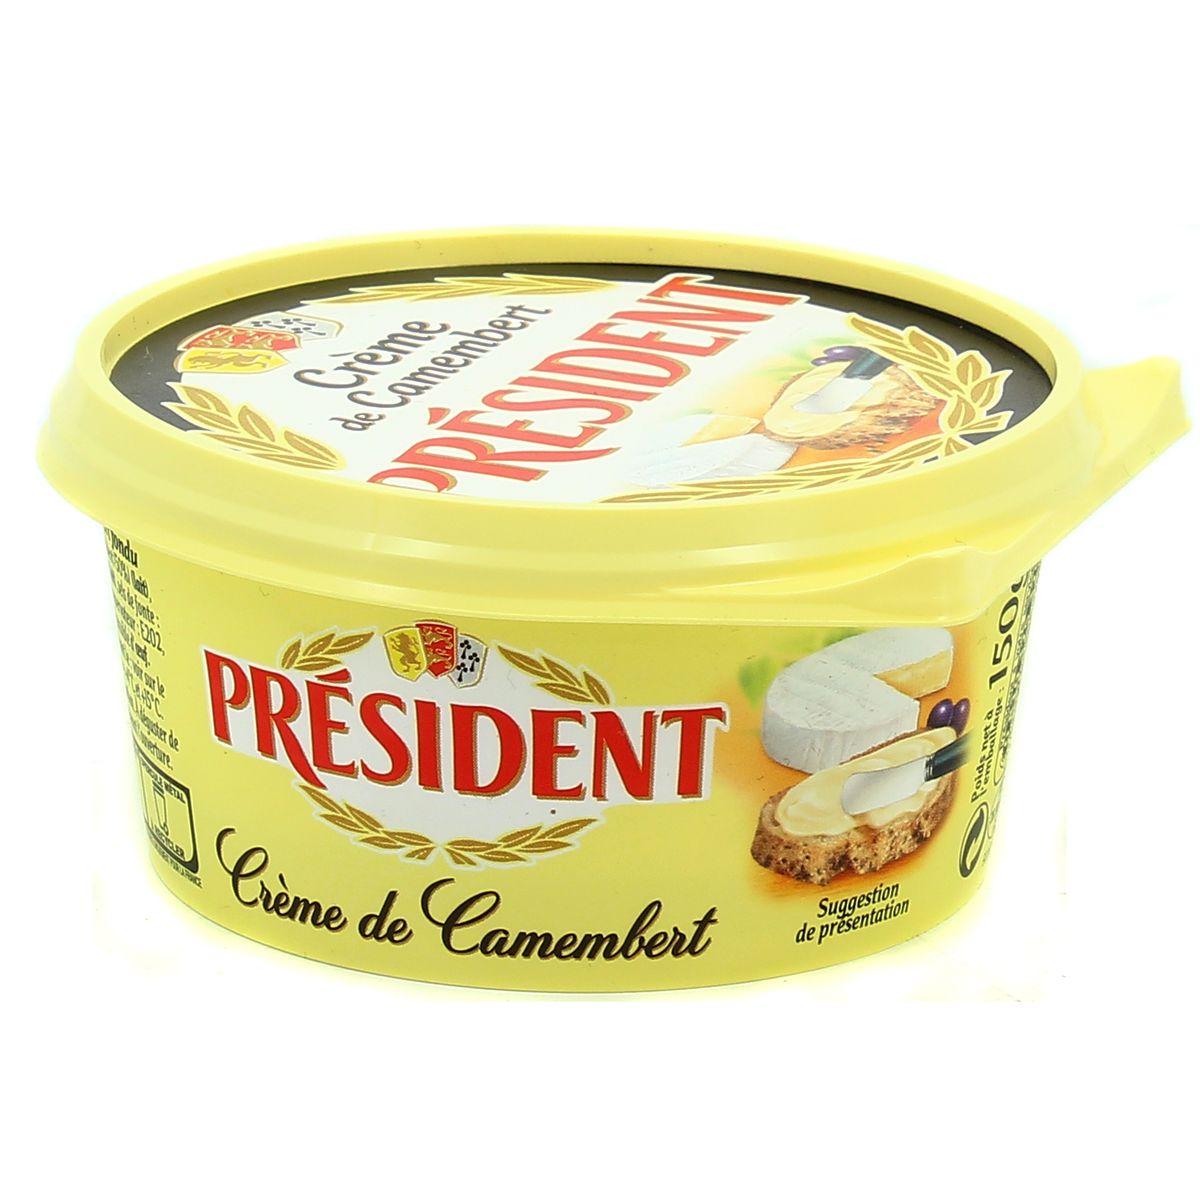 Crème de Camembert, Président (150 g)